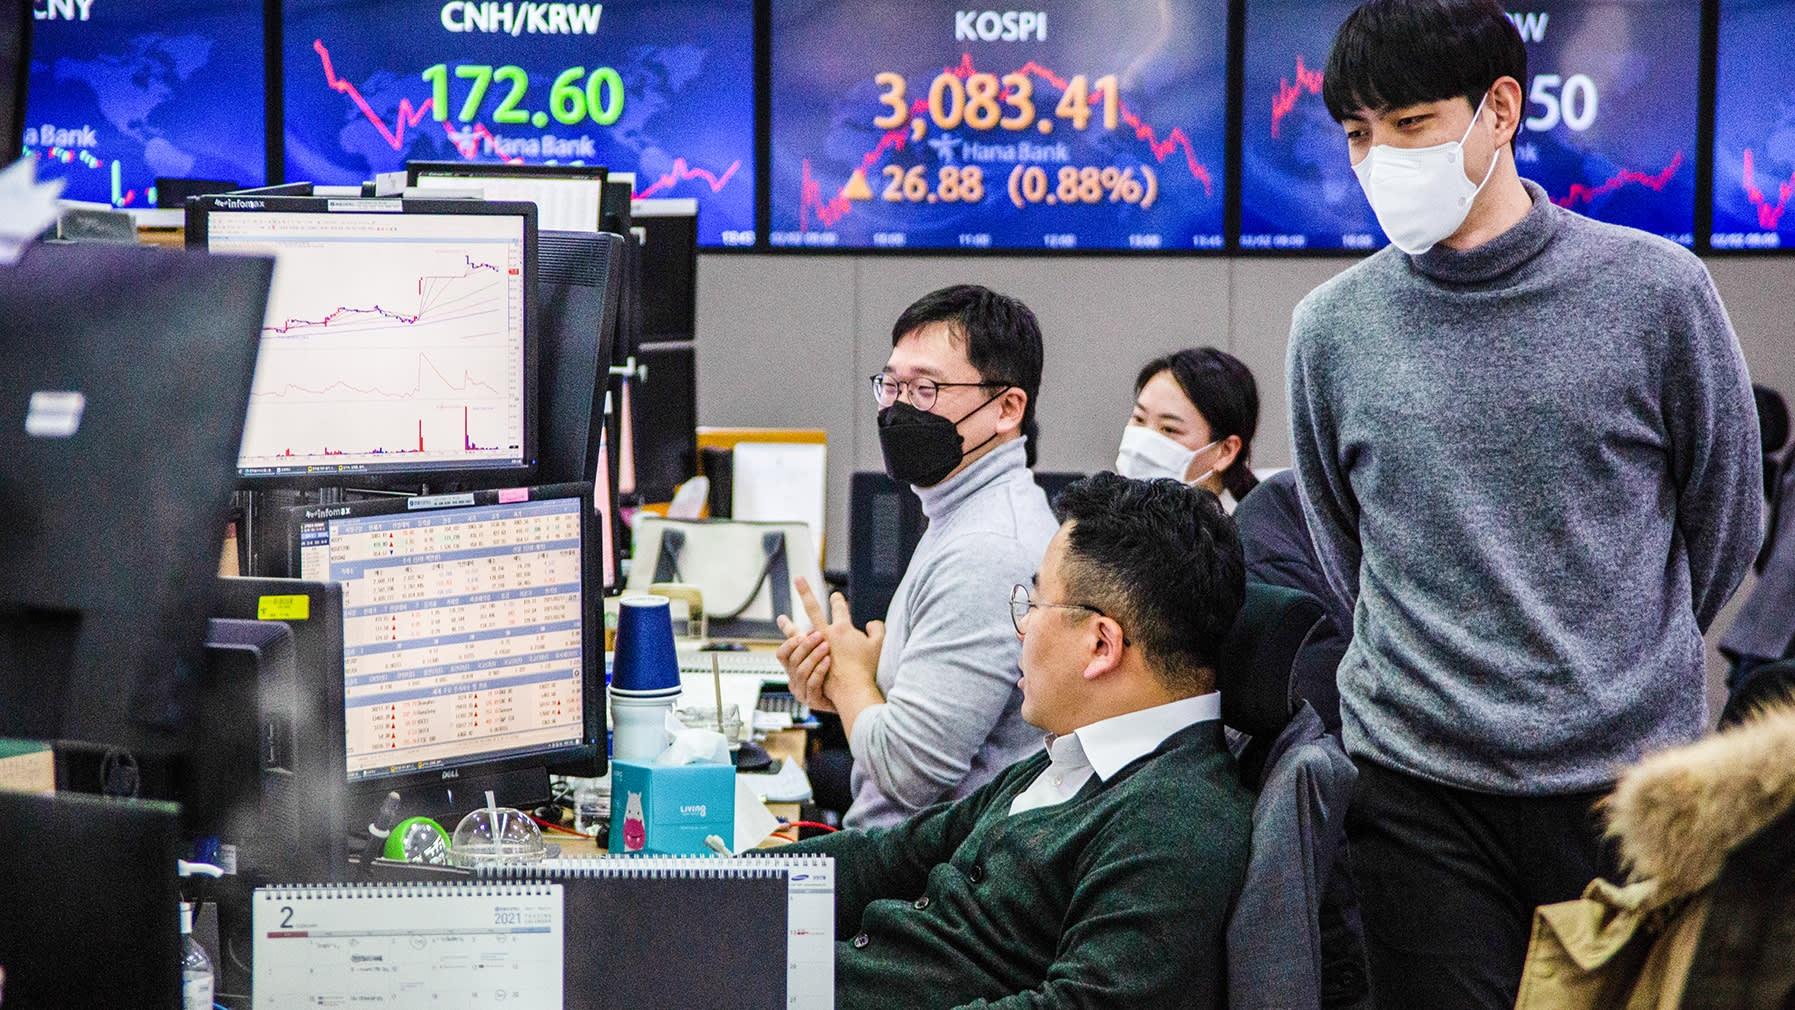 Nhà đầu tư chứng khoán Hàn Quốc nhỏ lẻ trước thách thức bán khống